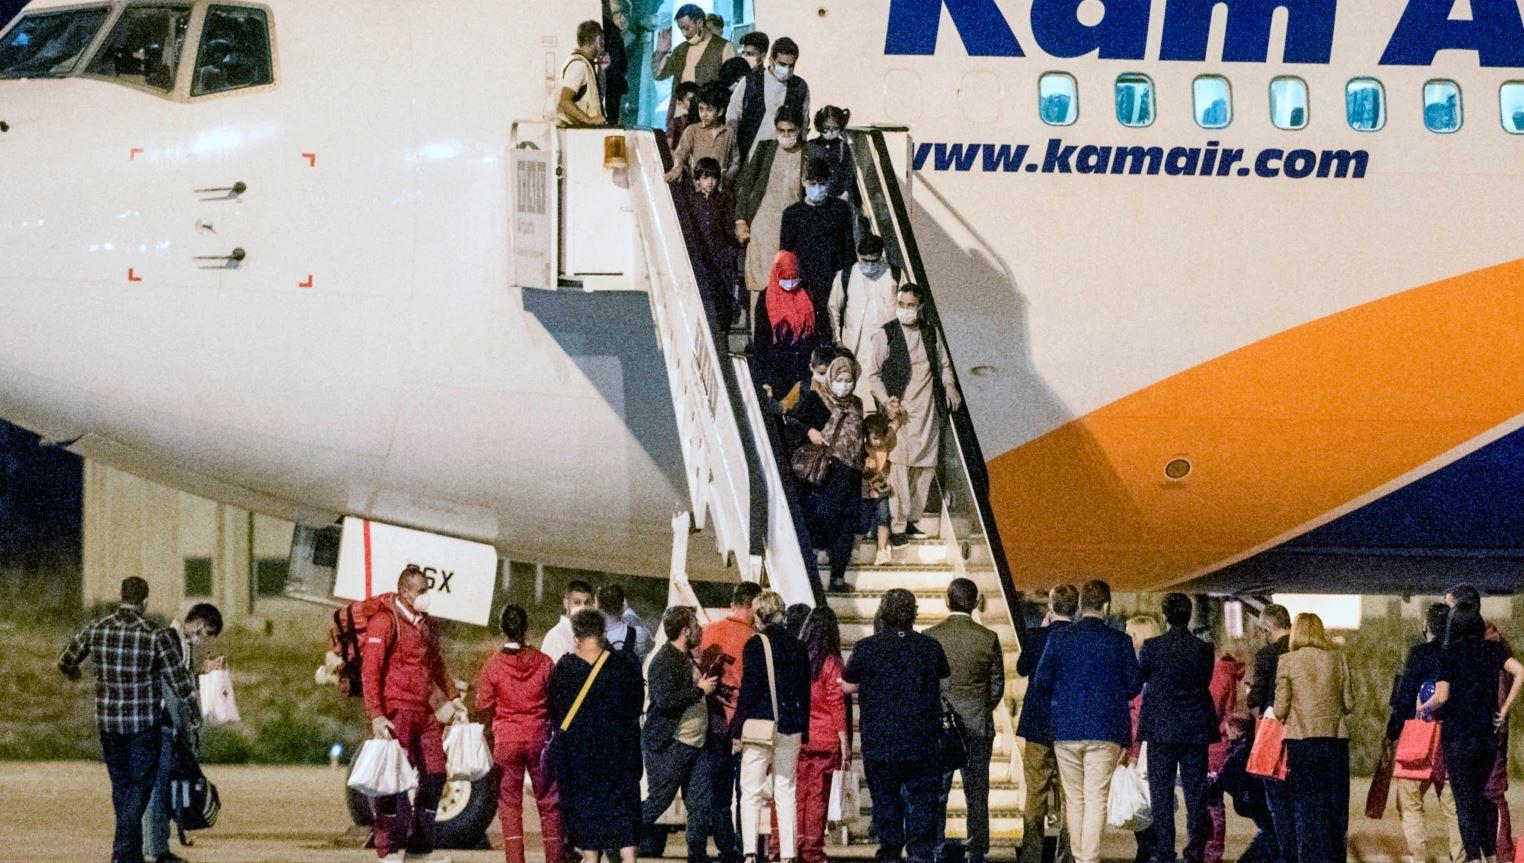 Arriti grupi i dytë i afganëve në Maqedoninë e Veriut